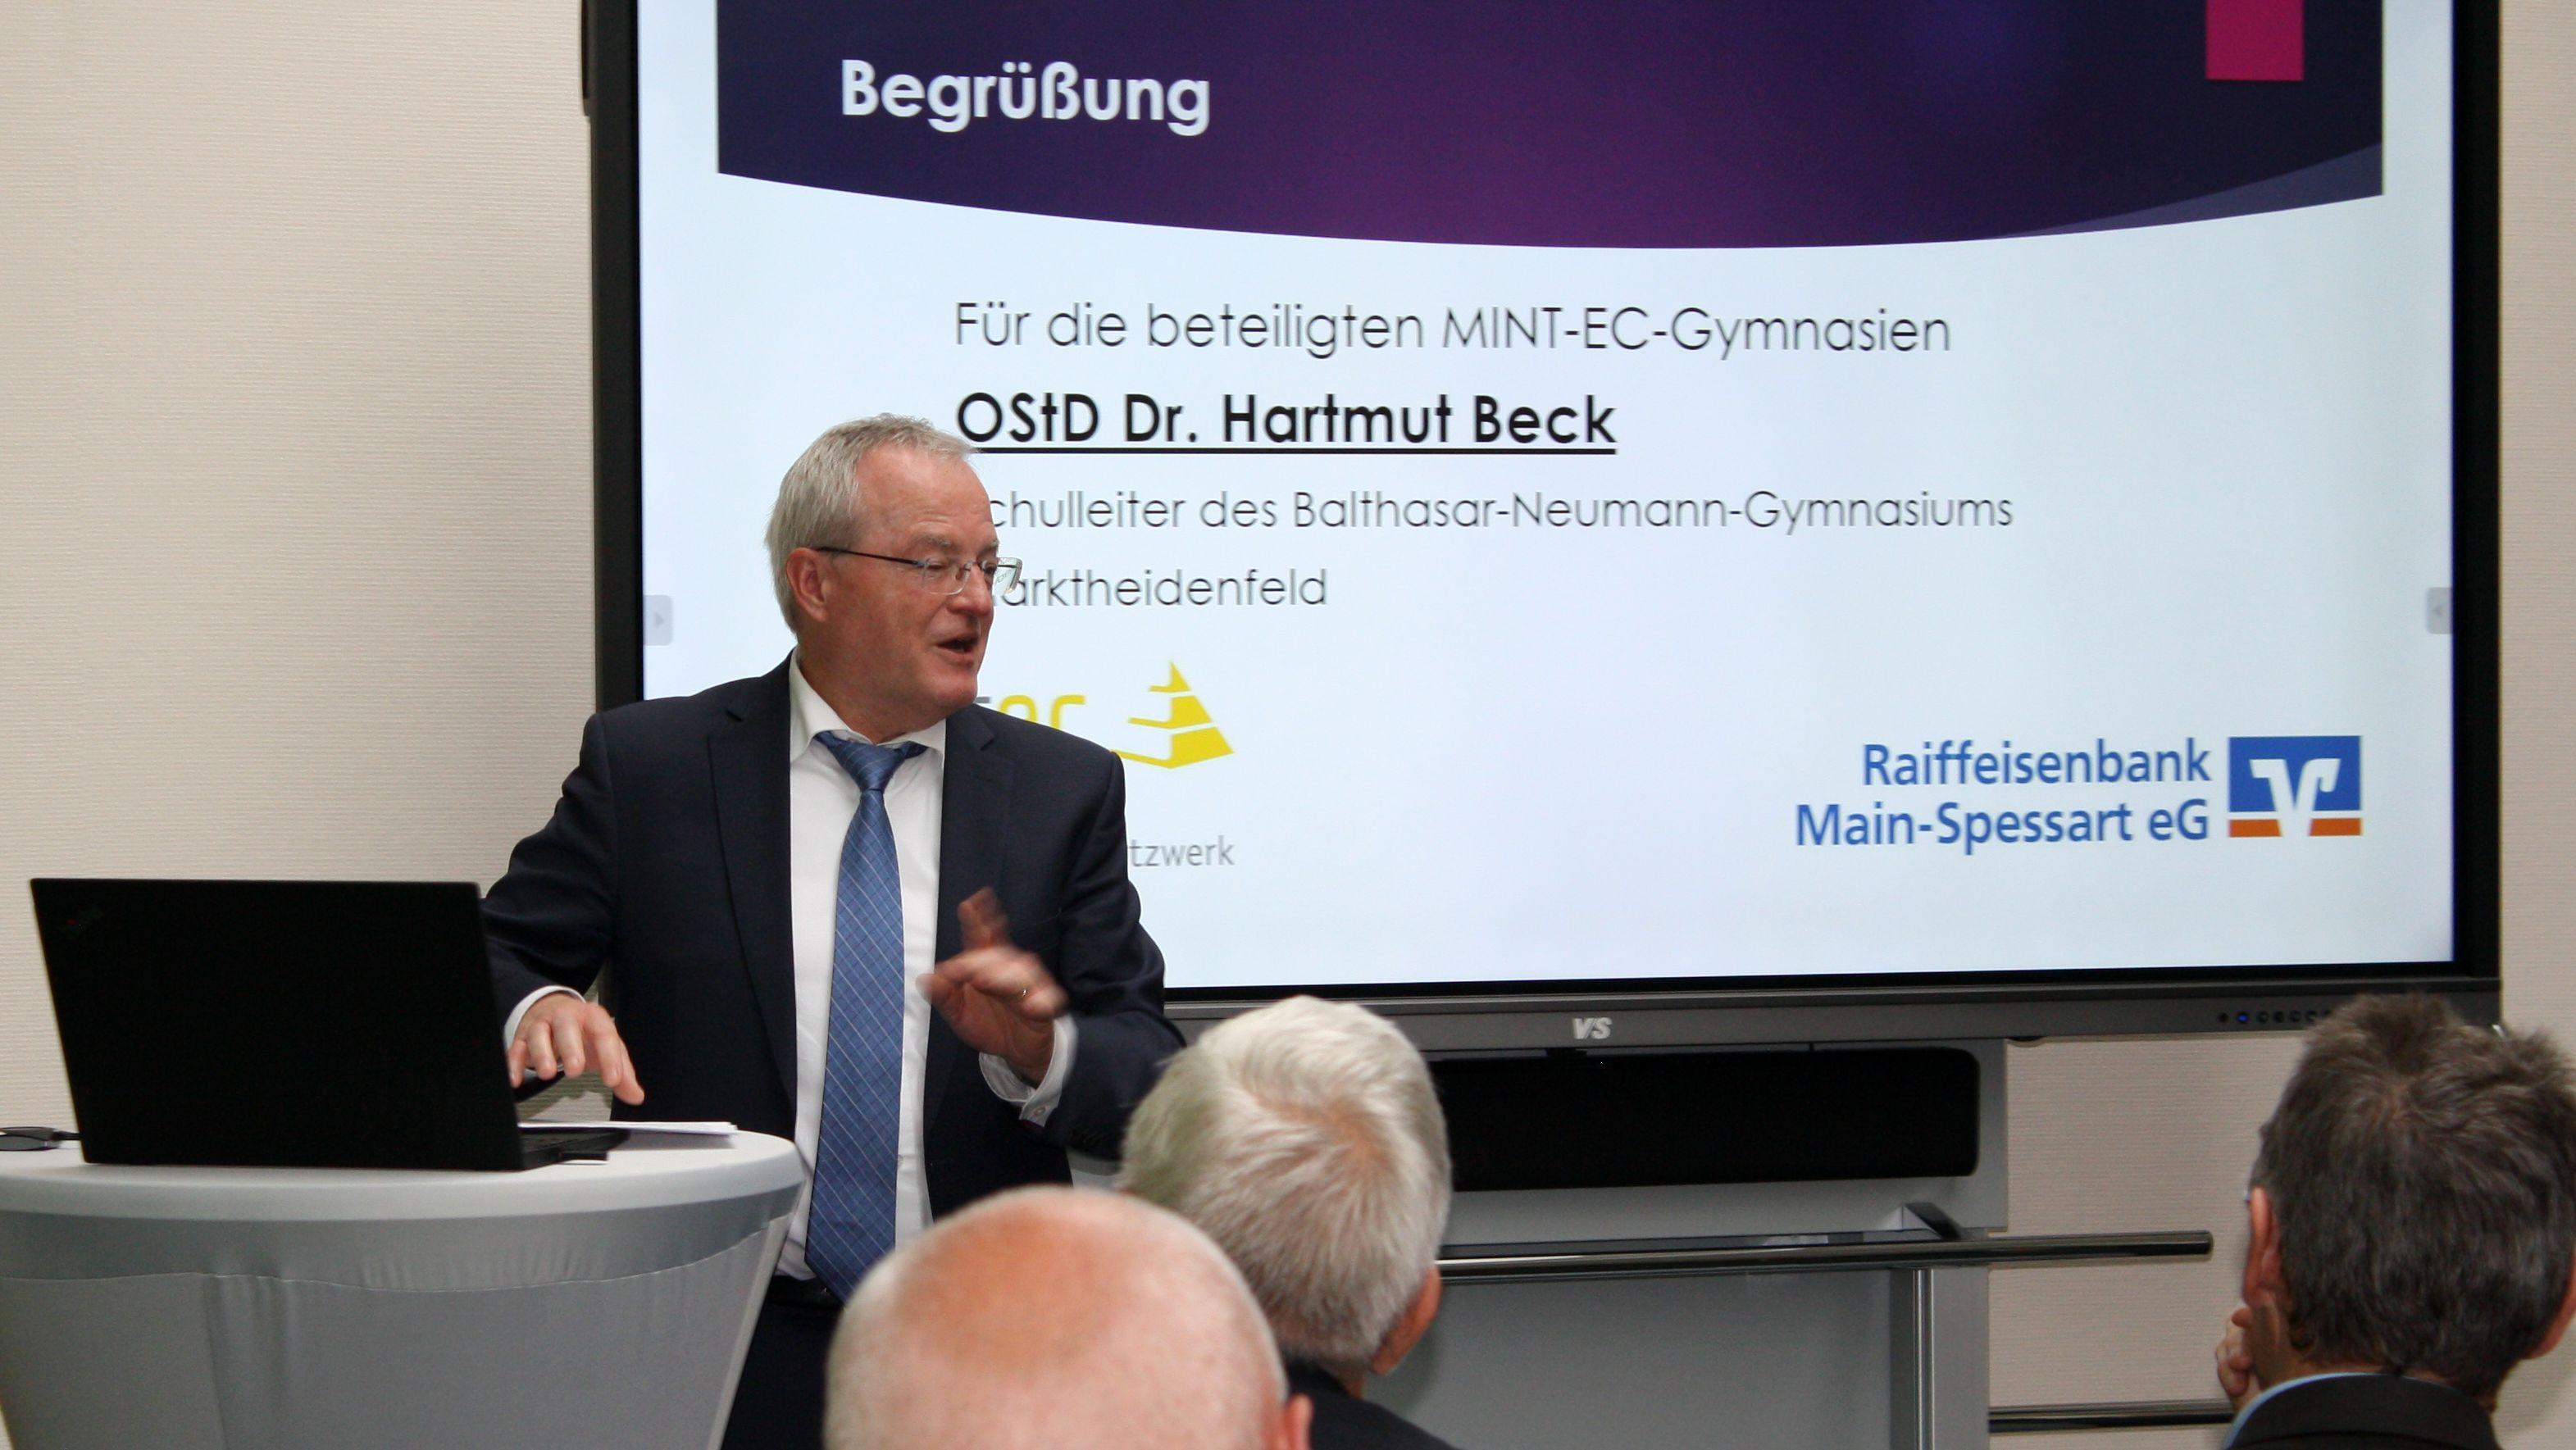 Hartmut Beck, Direktor des Balthasar-Neumann-Gymnasiums Marktheidenfeld, bei seiner Rede zur Eröffnung der M!NT-EC-Akademie Main-Spessart